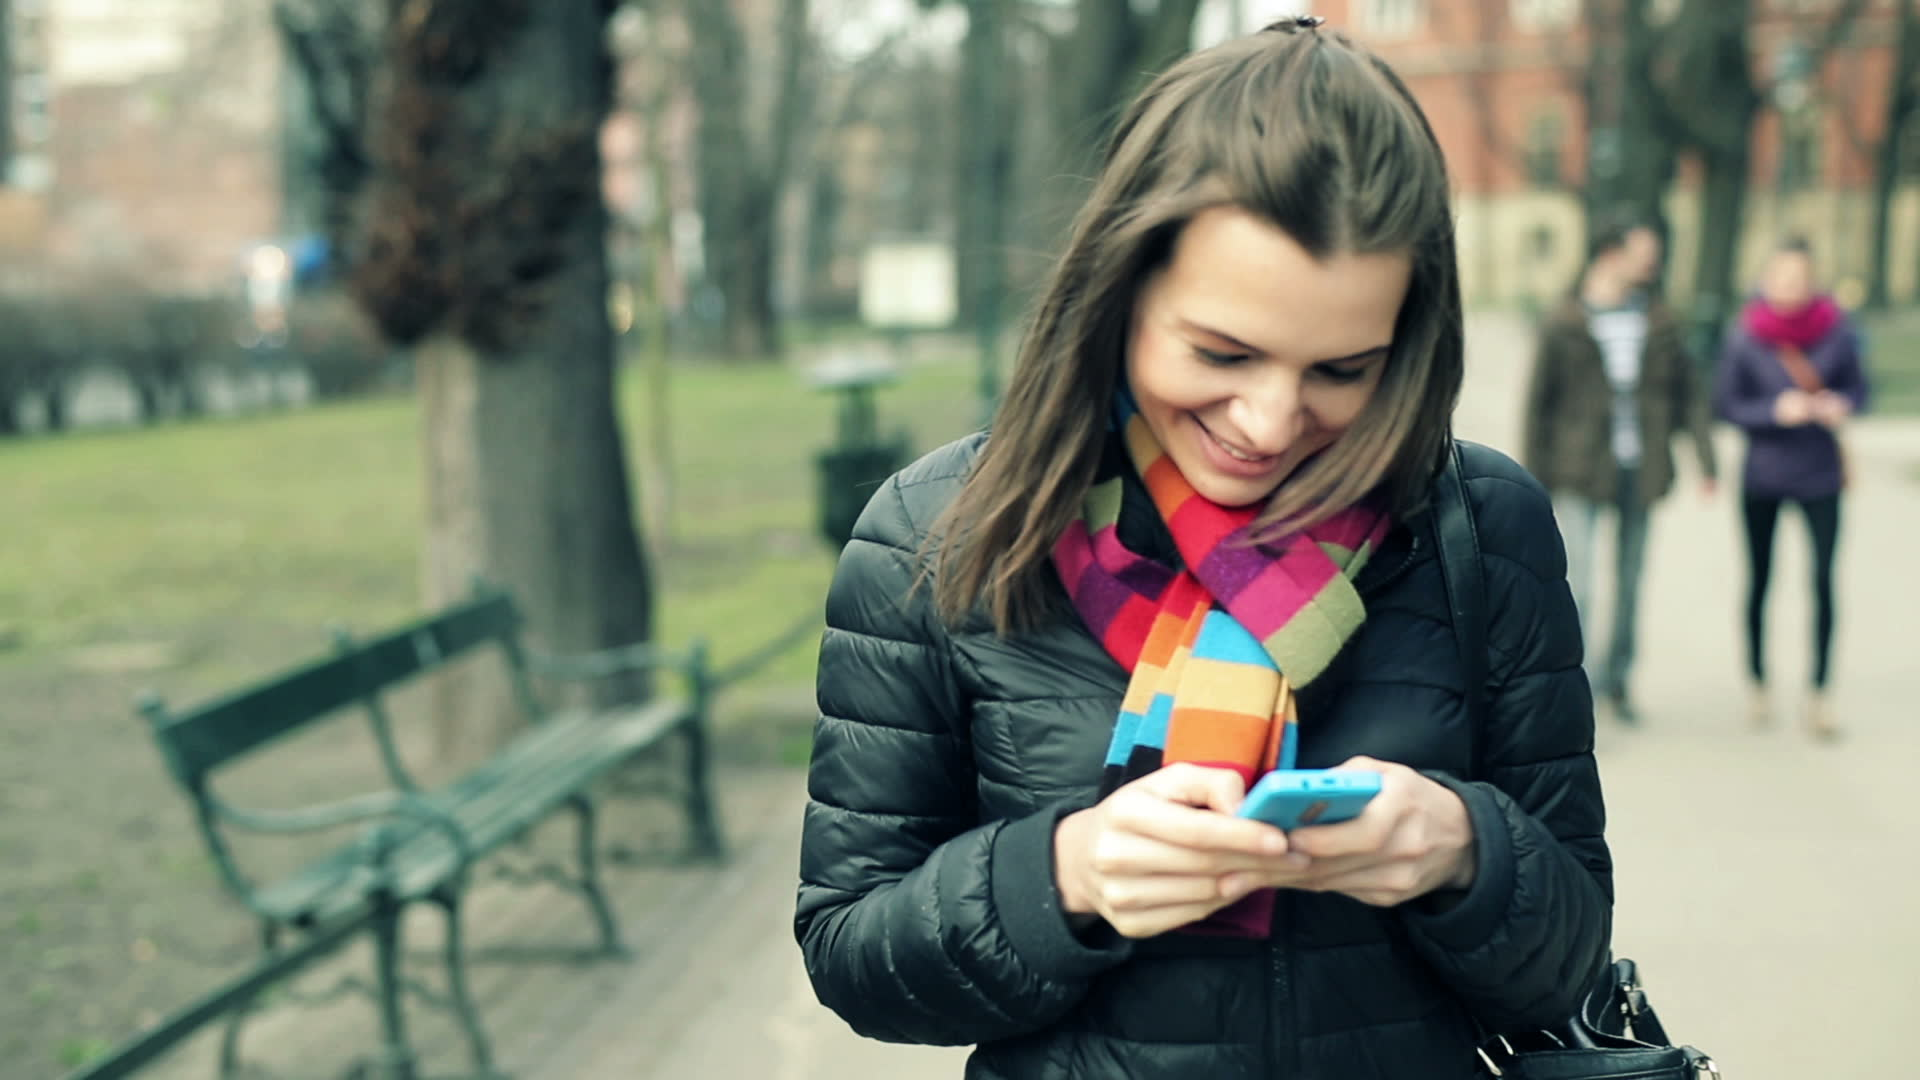 знакомства с девушка мобильным телефонами